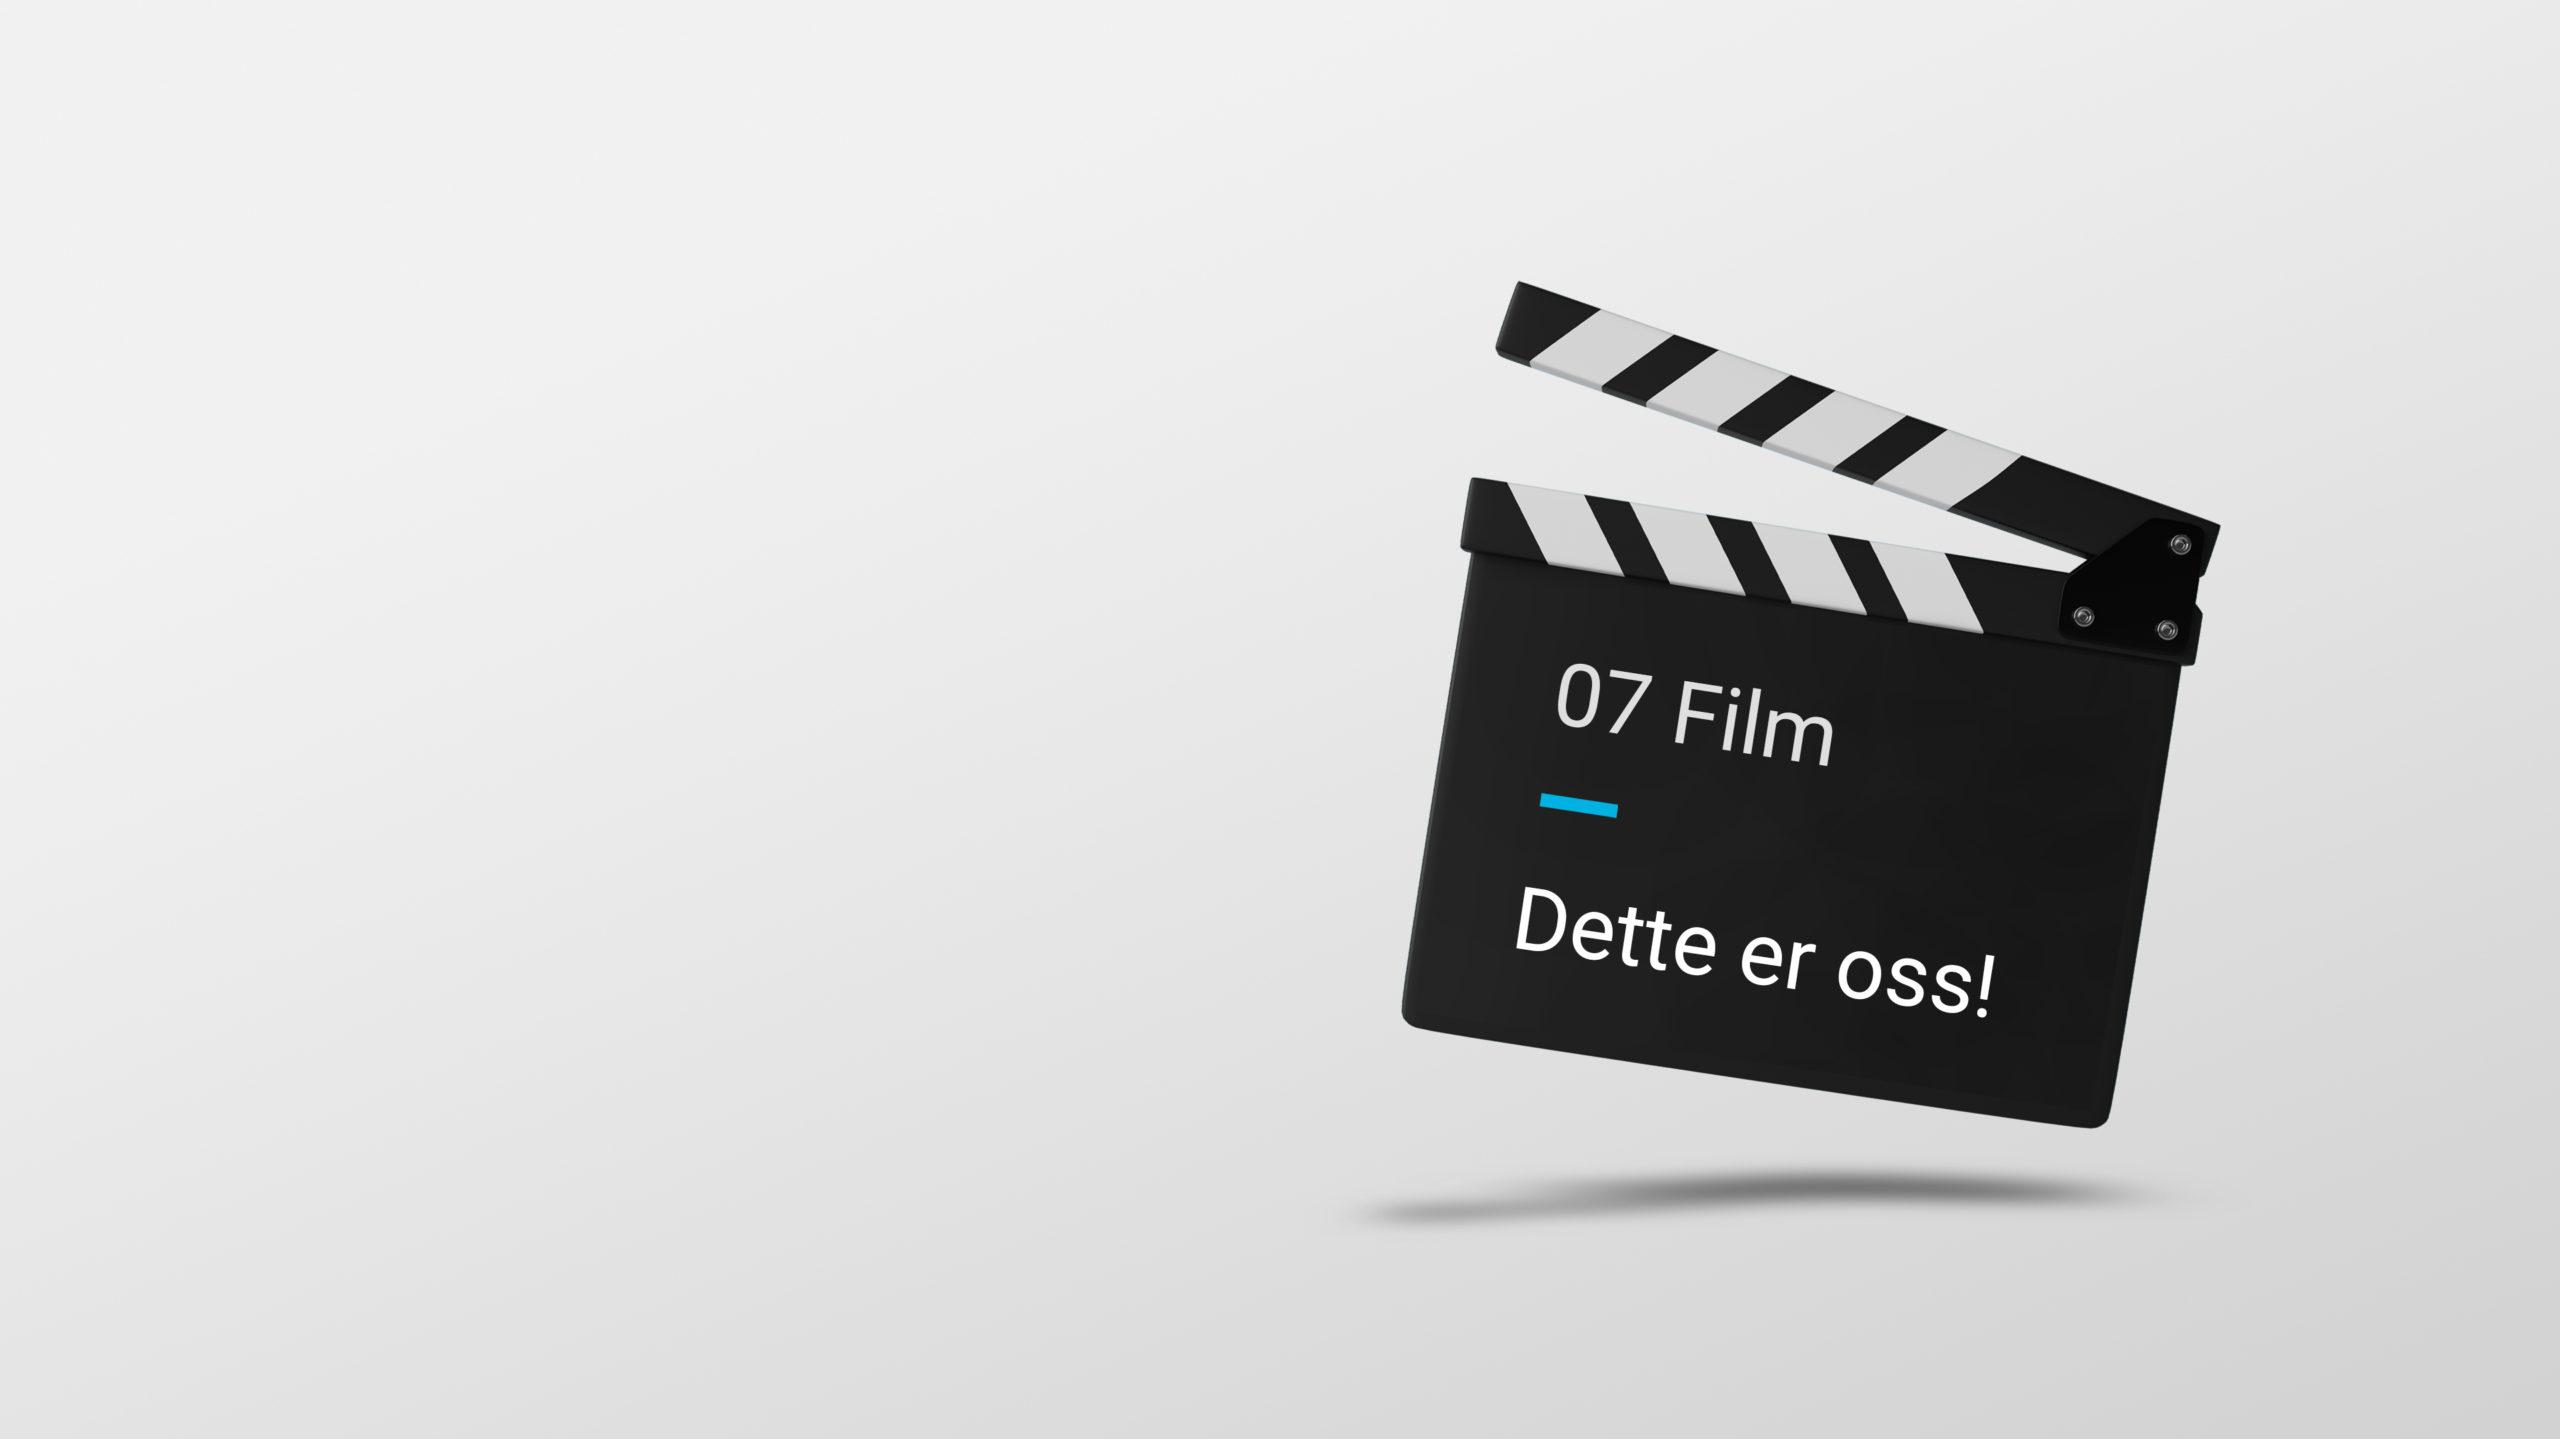 """En filmklapper med teksten """"07 film. Dette er oss!"""". Illustrasjon."""